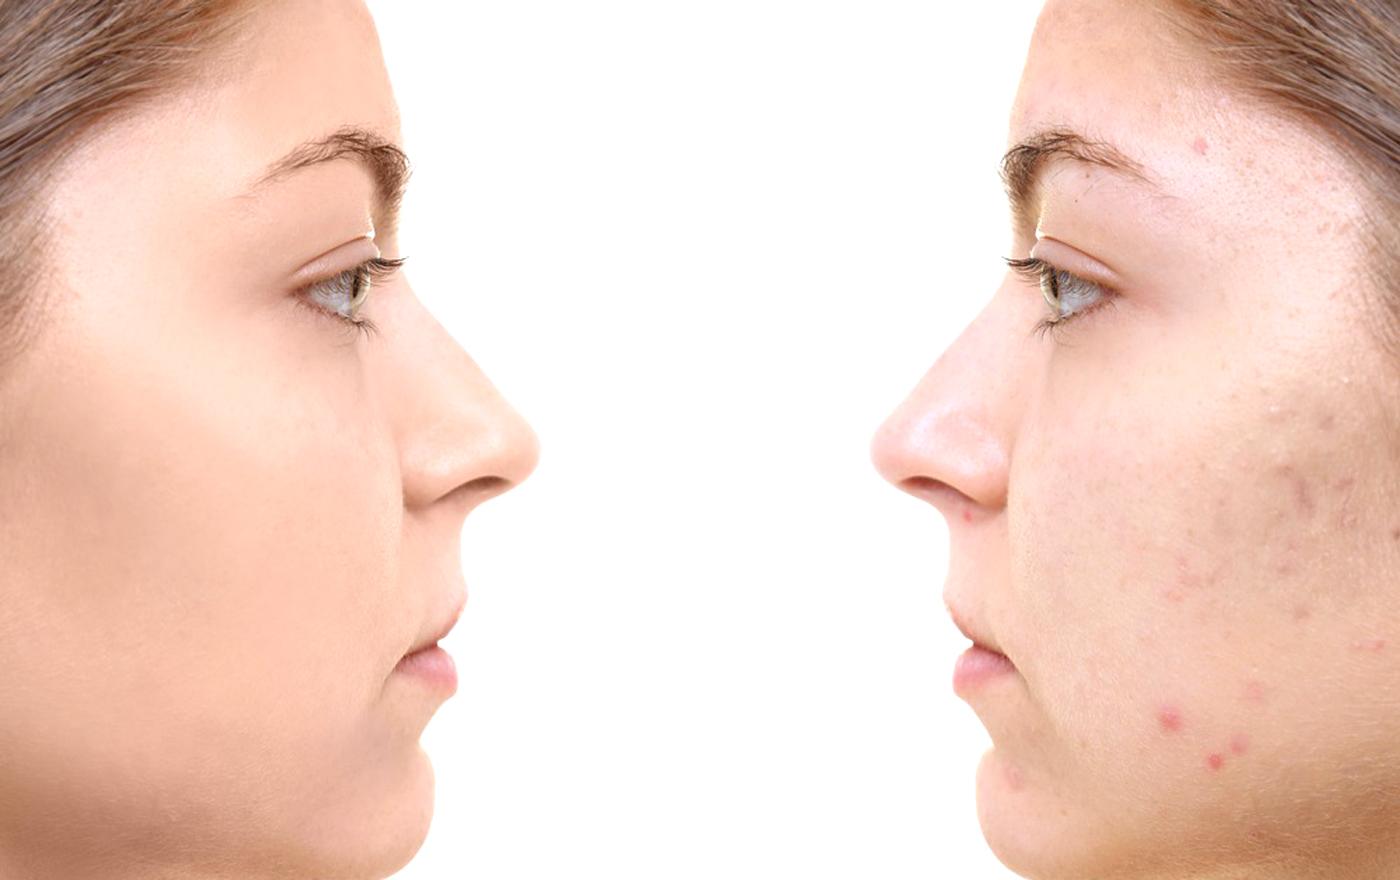 درمان جوش صورت و آکنه بهکمک ویتامین ها و مواد معدنی